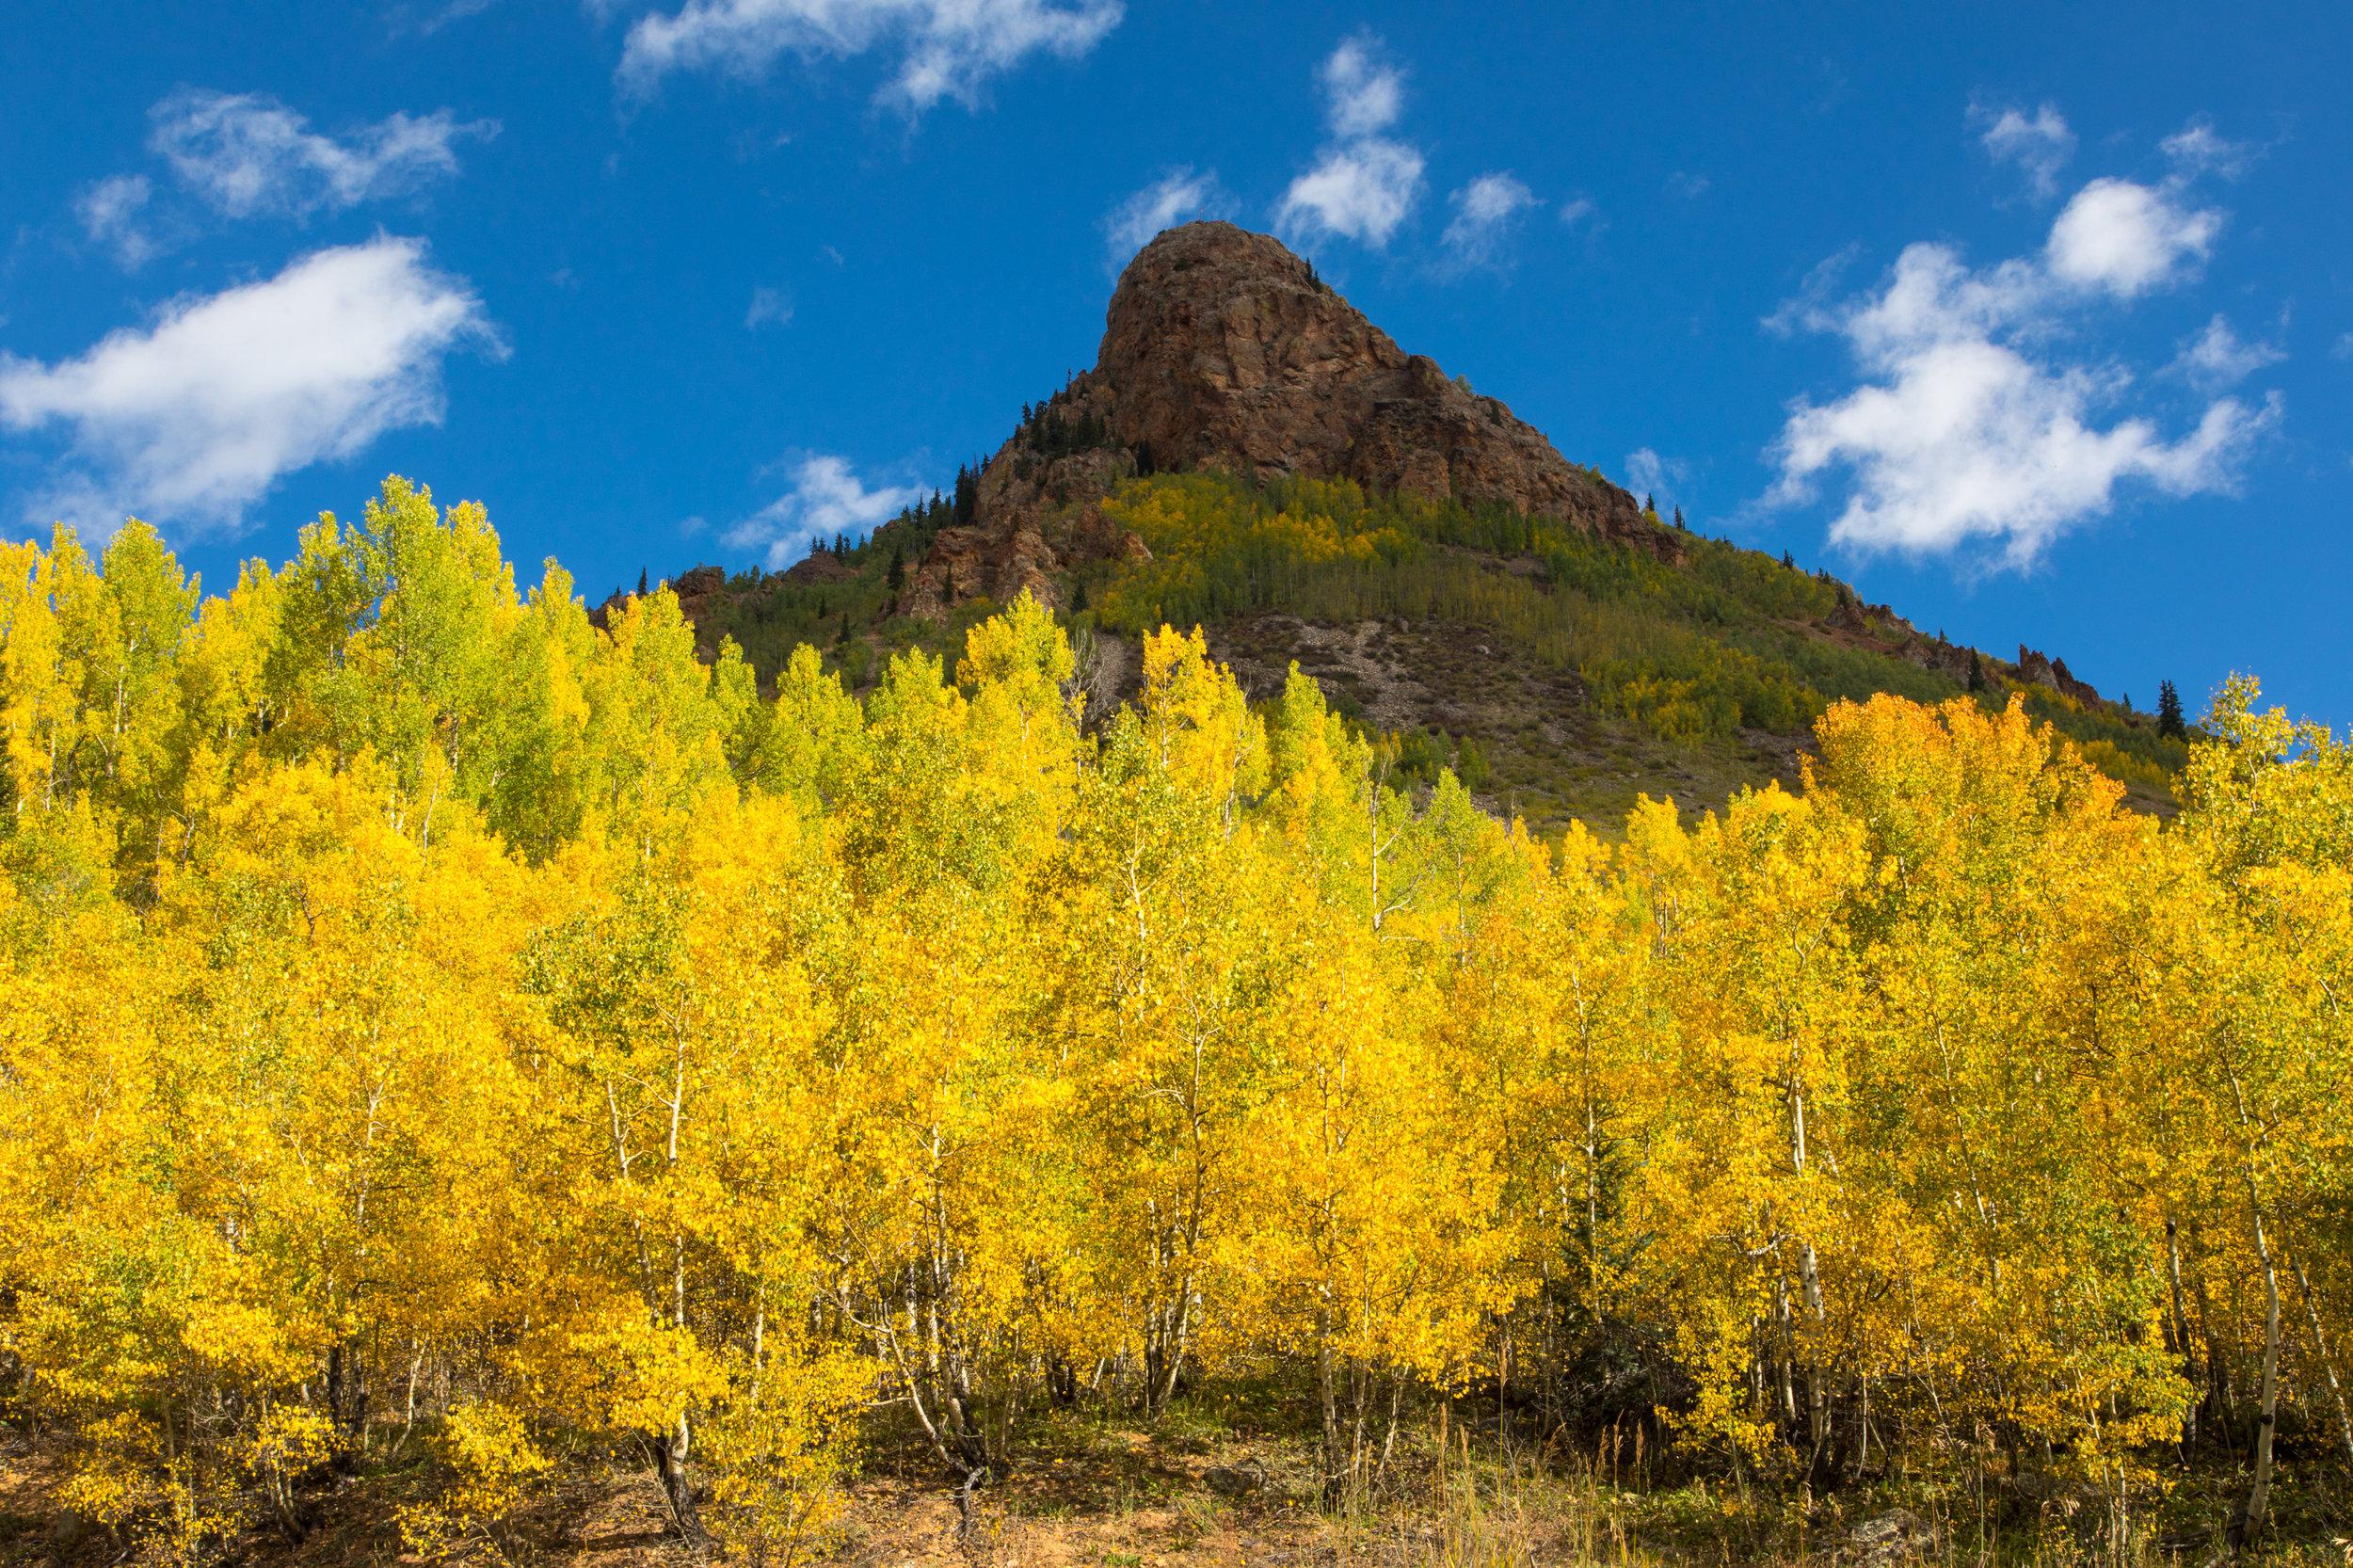 Silverton, Colorado, Image # 9538